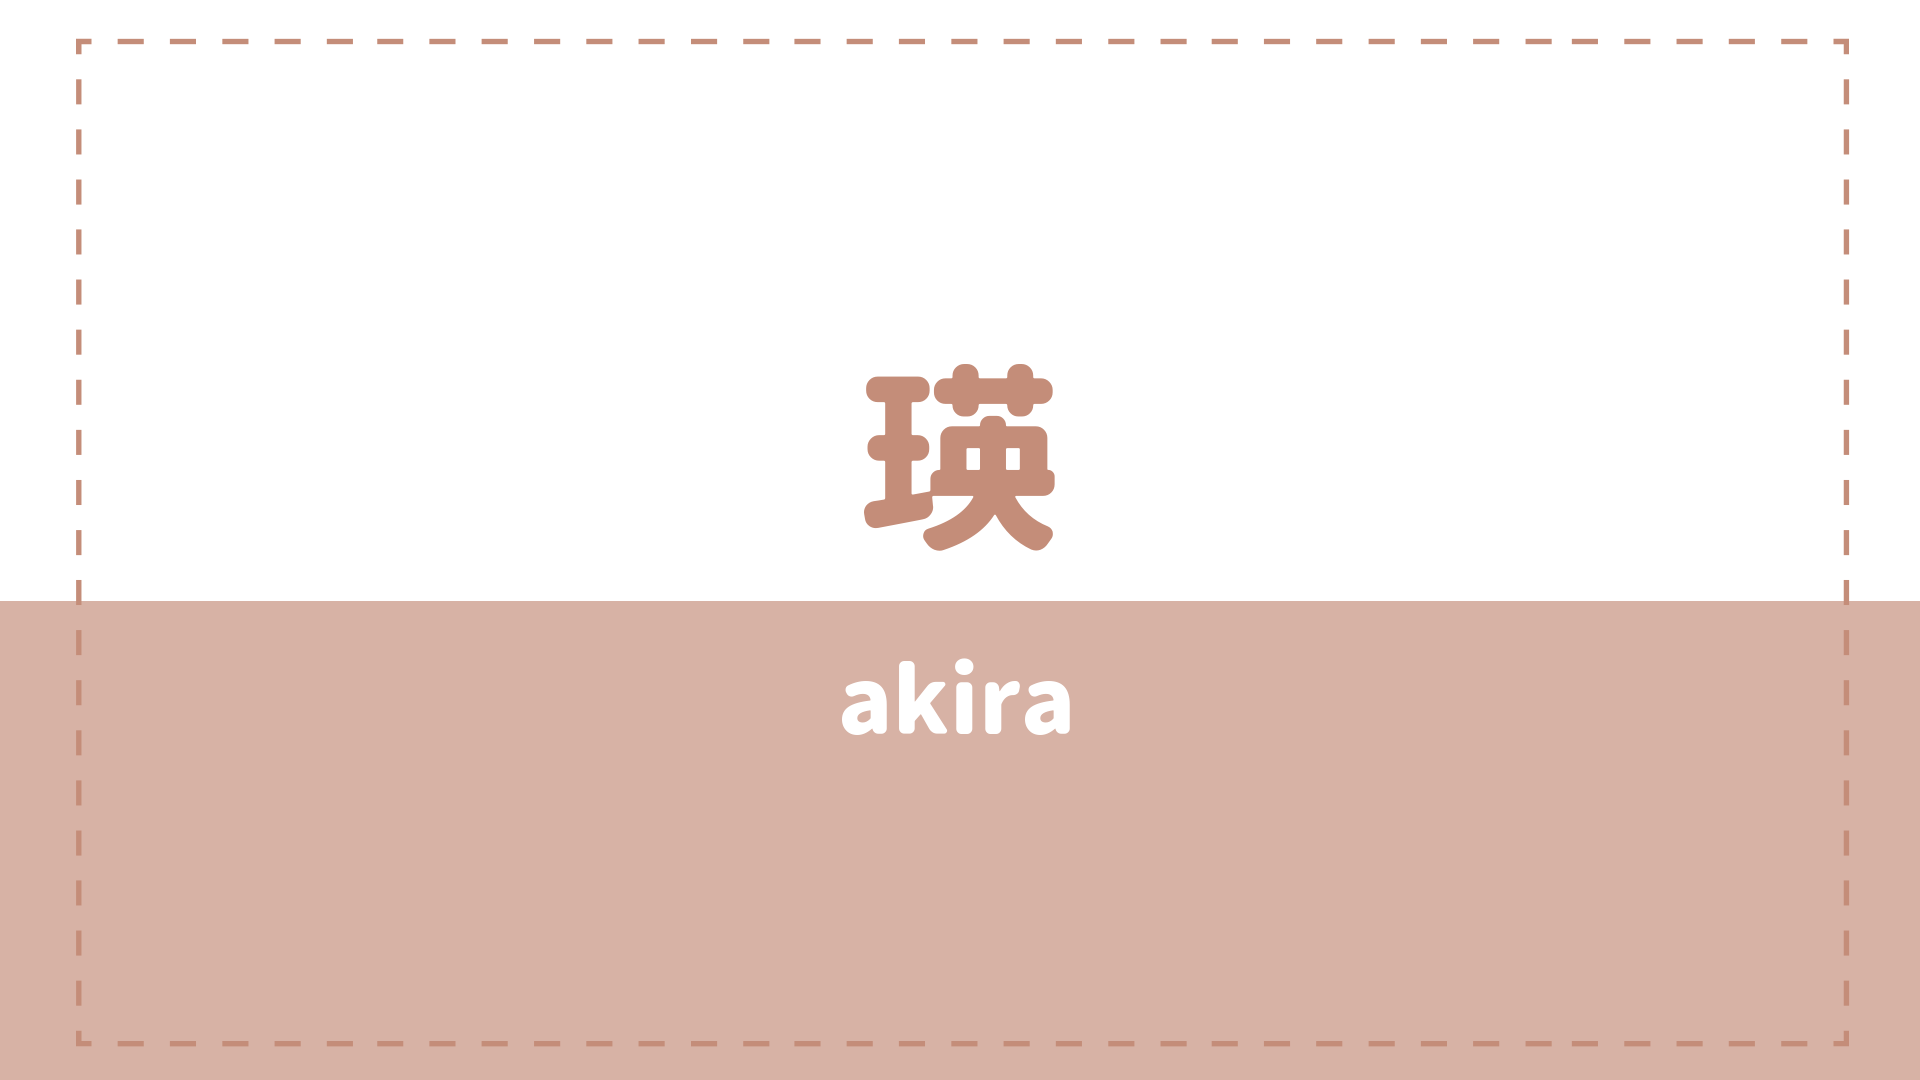 瑛(あきら/俳優)のwikiや彼女は?高身長ハーフモデルでかっこいい!